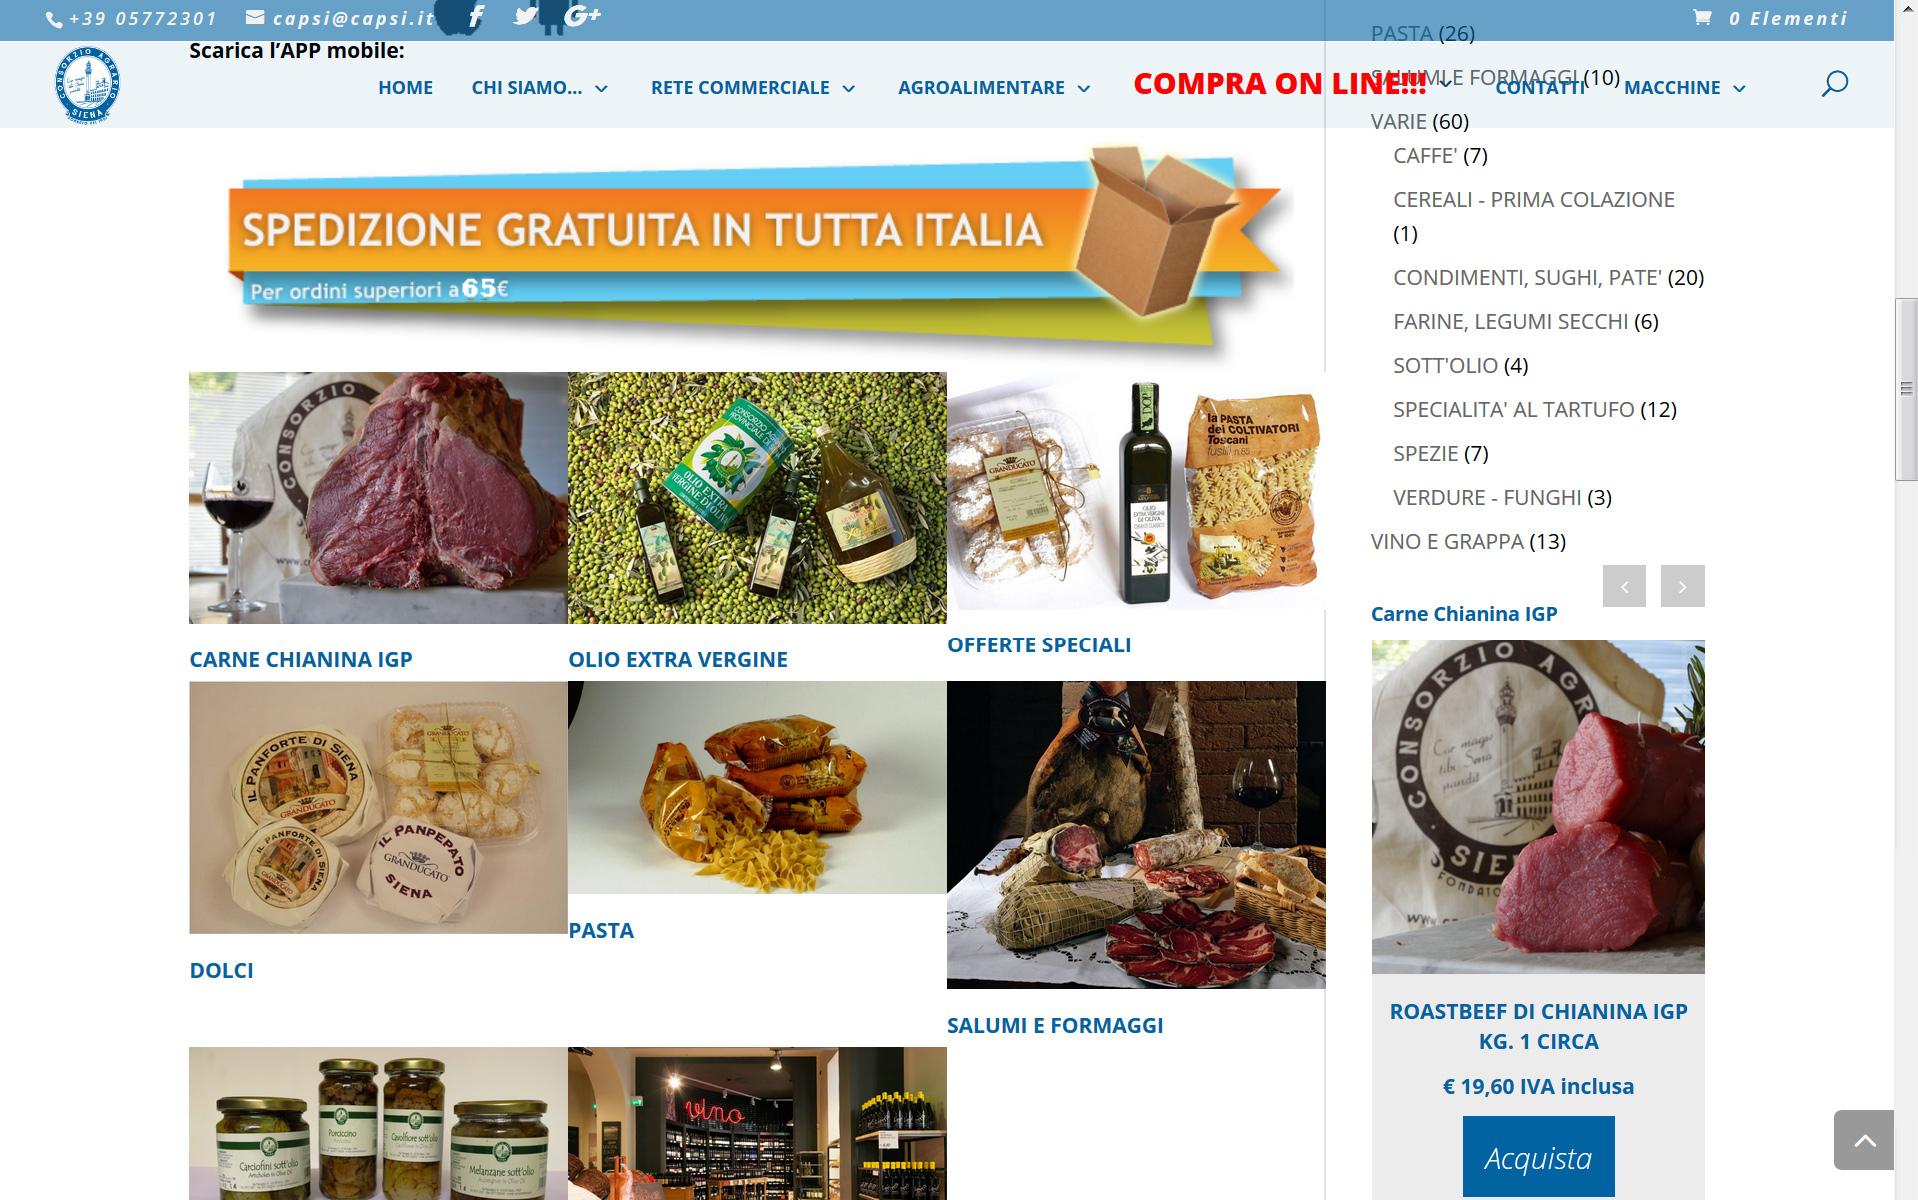 Vendita prodotti tipici della Toscana originari della provincia Senese